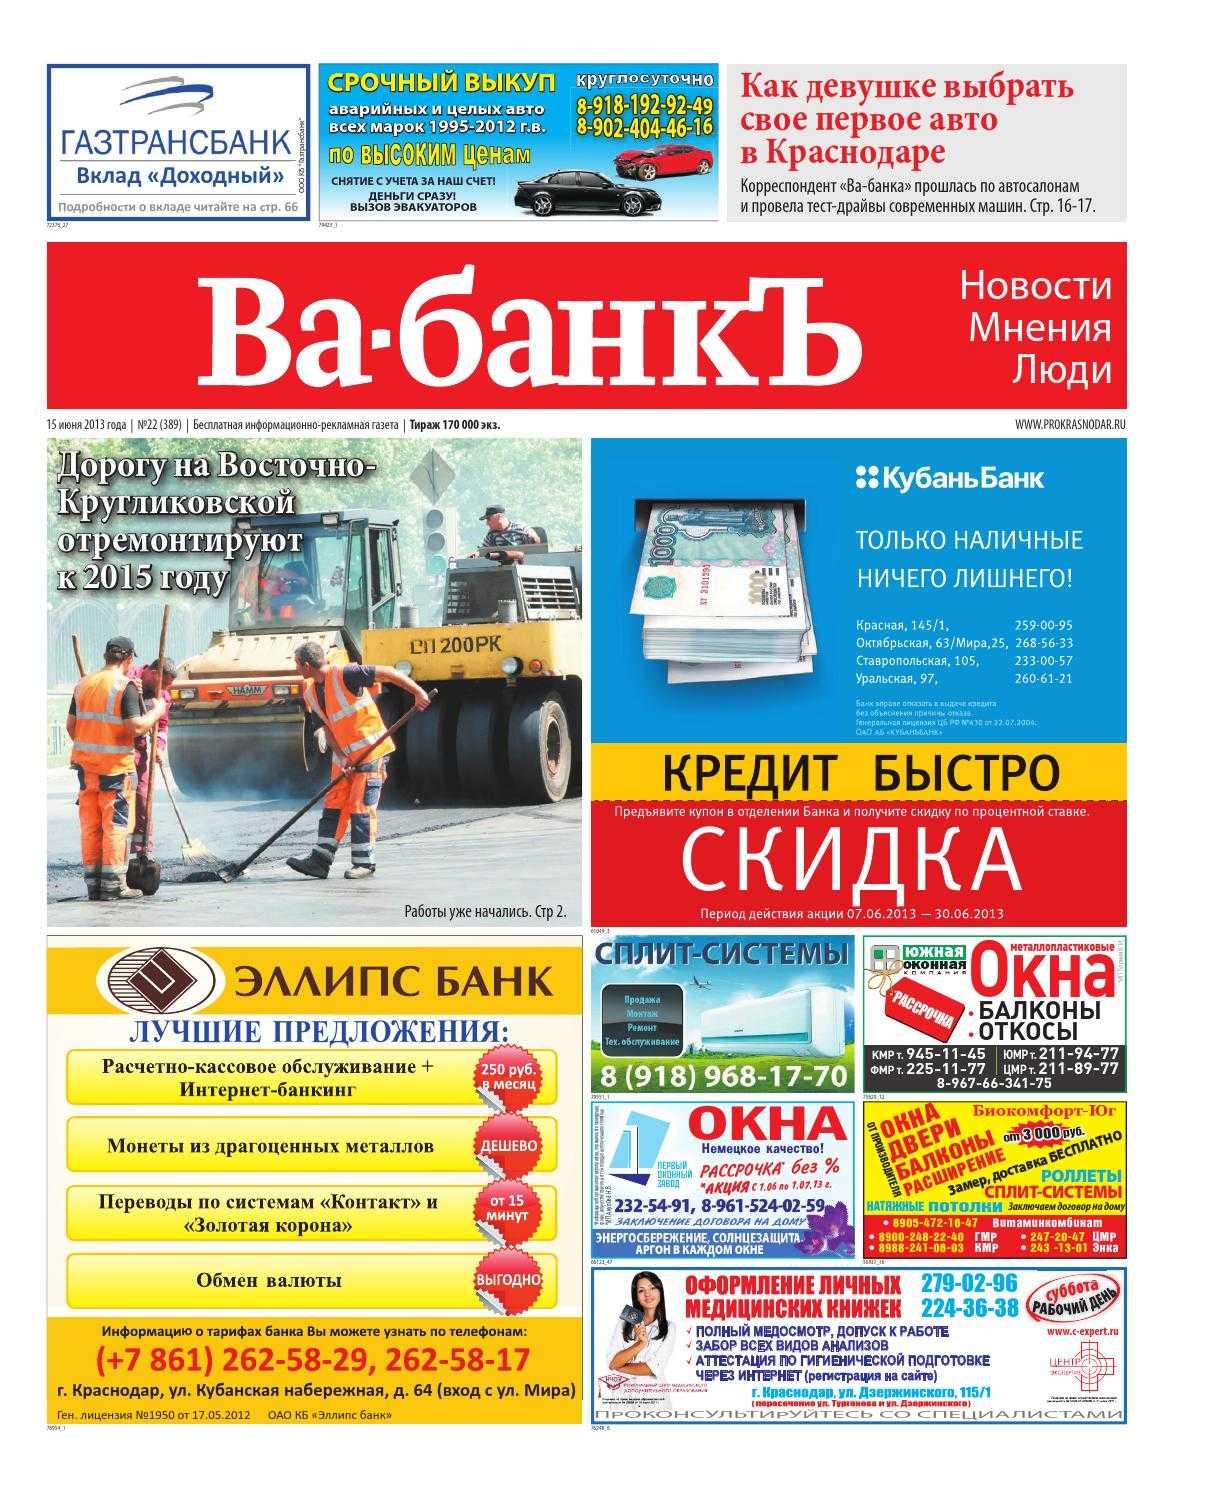 Kasakhstanere kan vinde jackpotten $340 millioner denne fredag